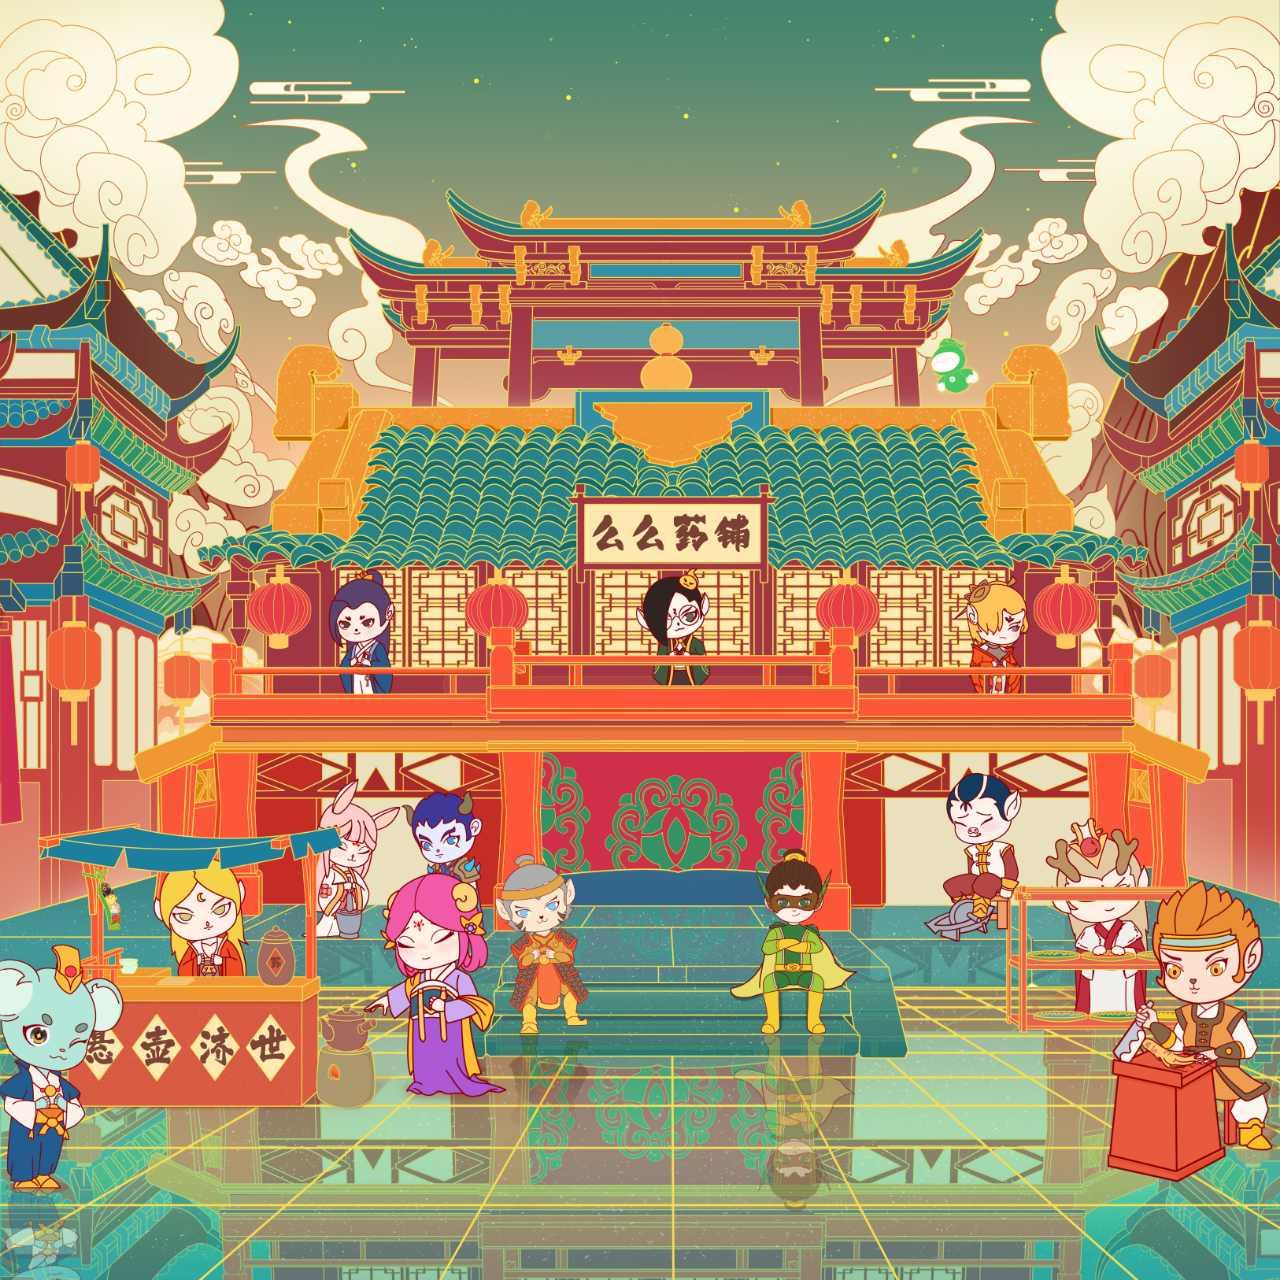 千年汉文化,更多趣味和精彩尽在汉风徐来!